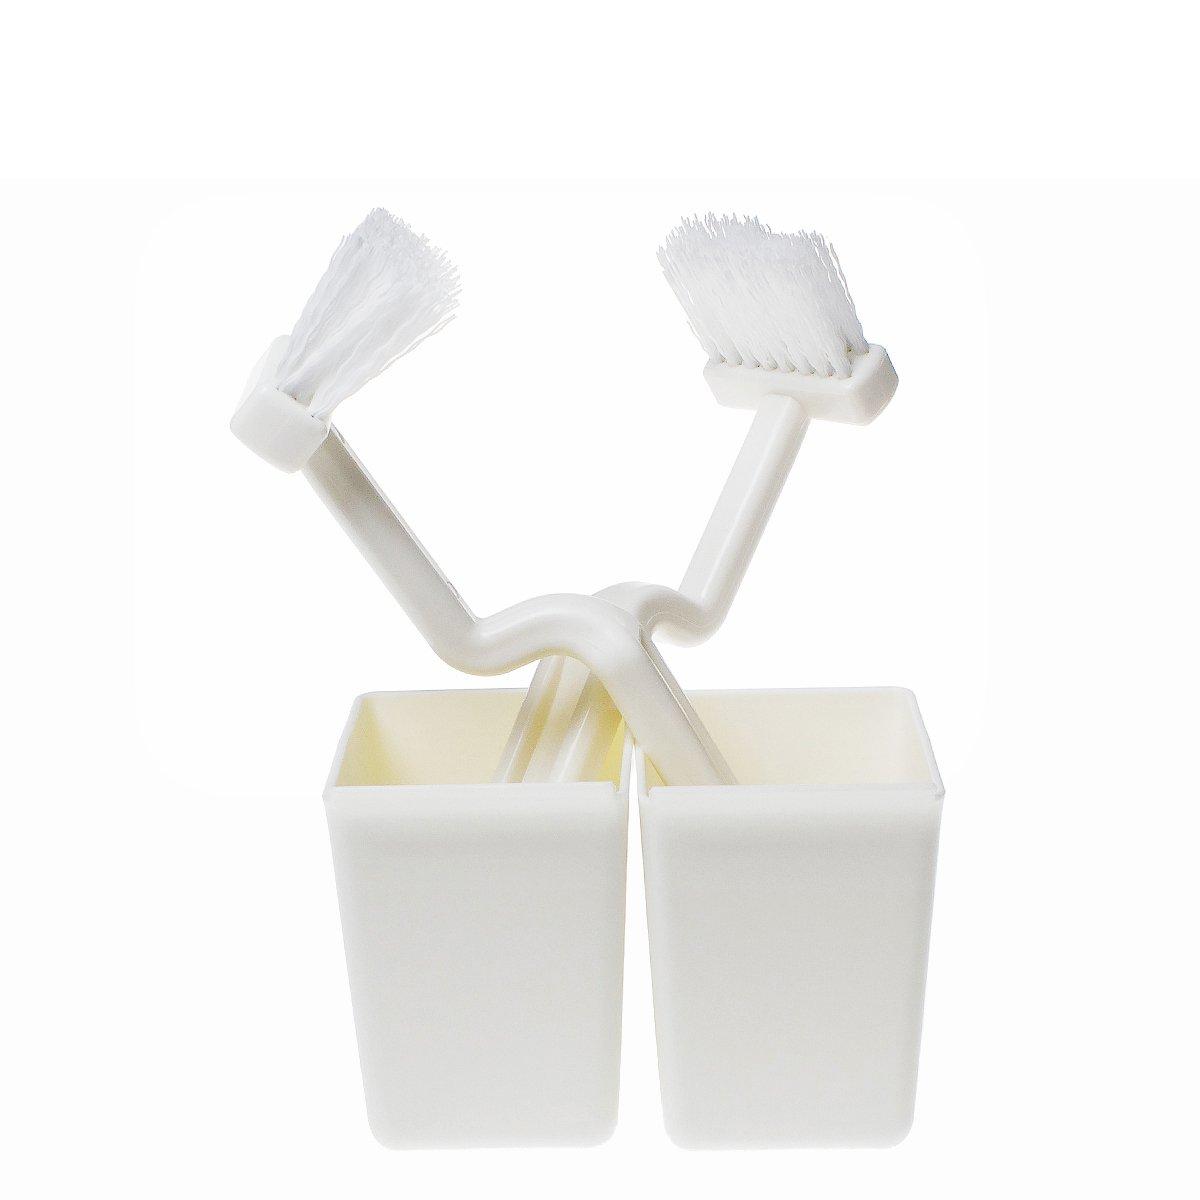 Saimホワイト多目的プラスチックハンドルナイロンブラシwith Suction Base forトイレキッチンバスルームセットの2 B06XYLFRYS